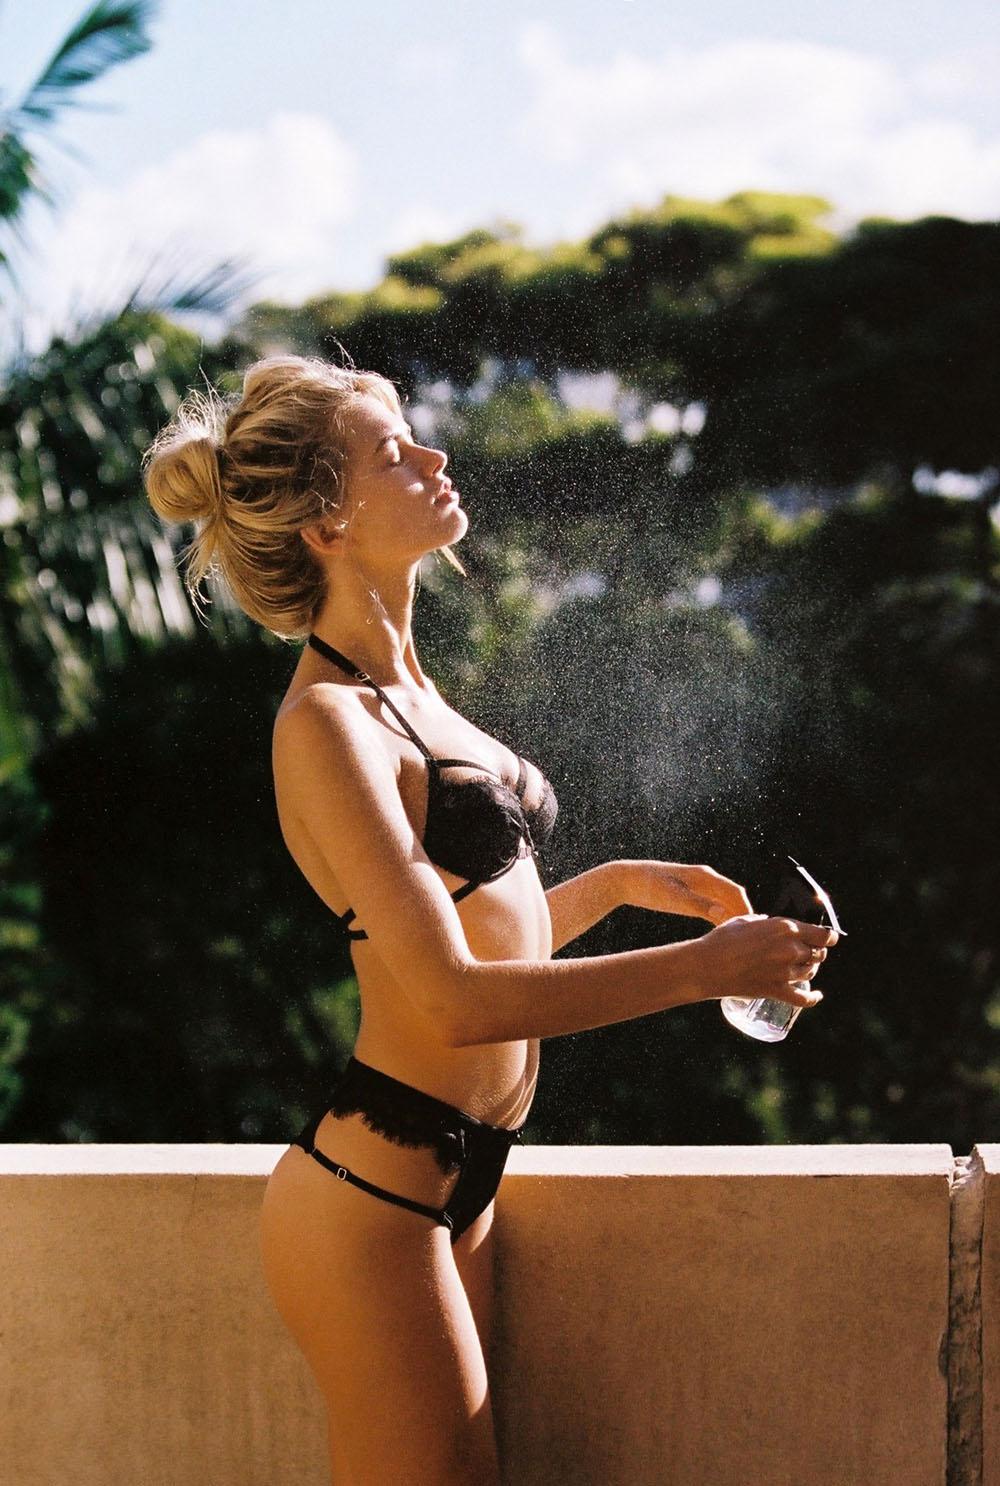 merga irwin model australia